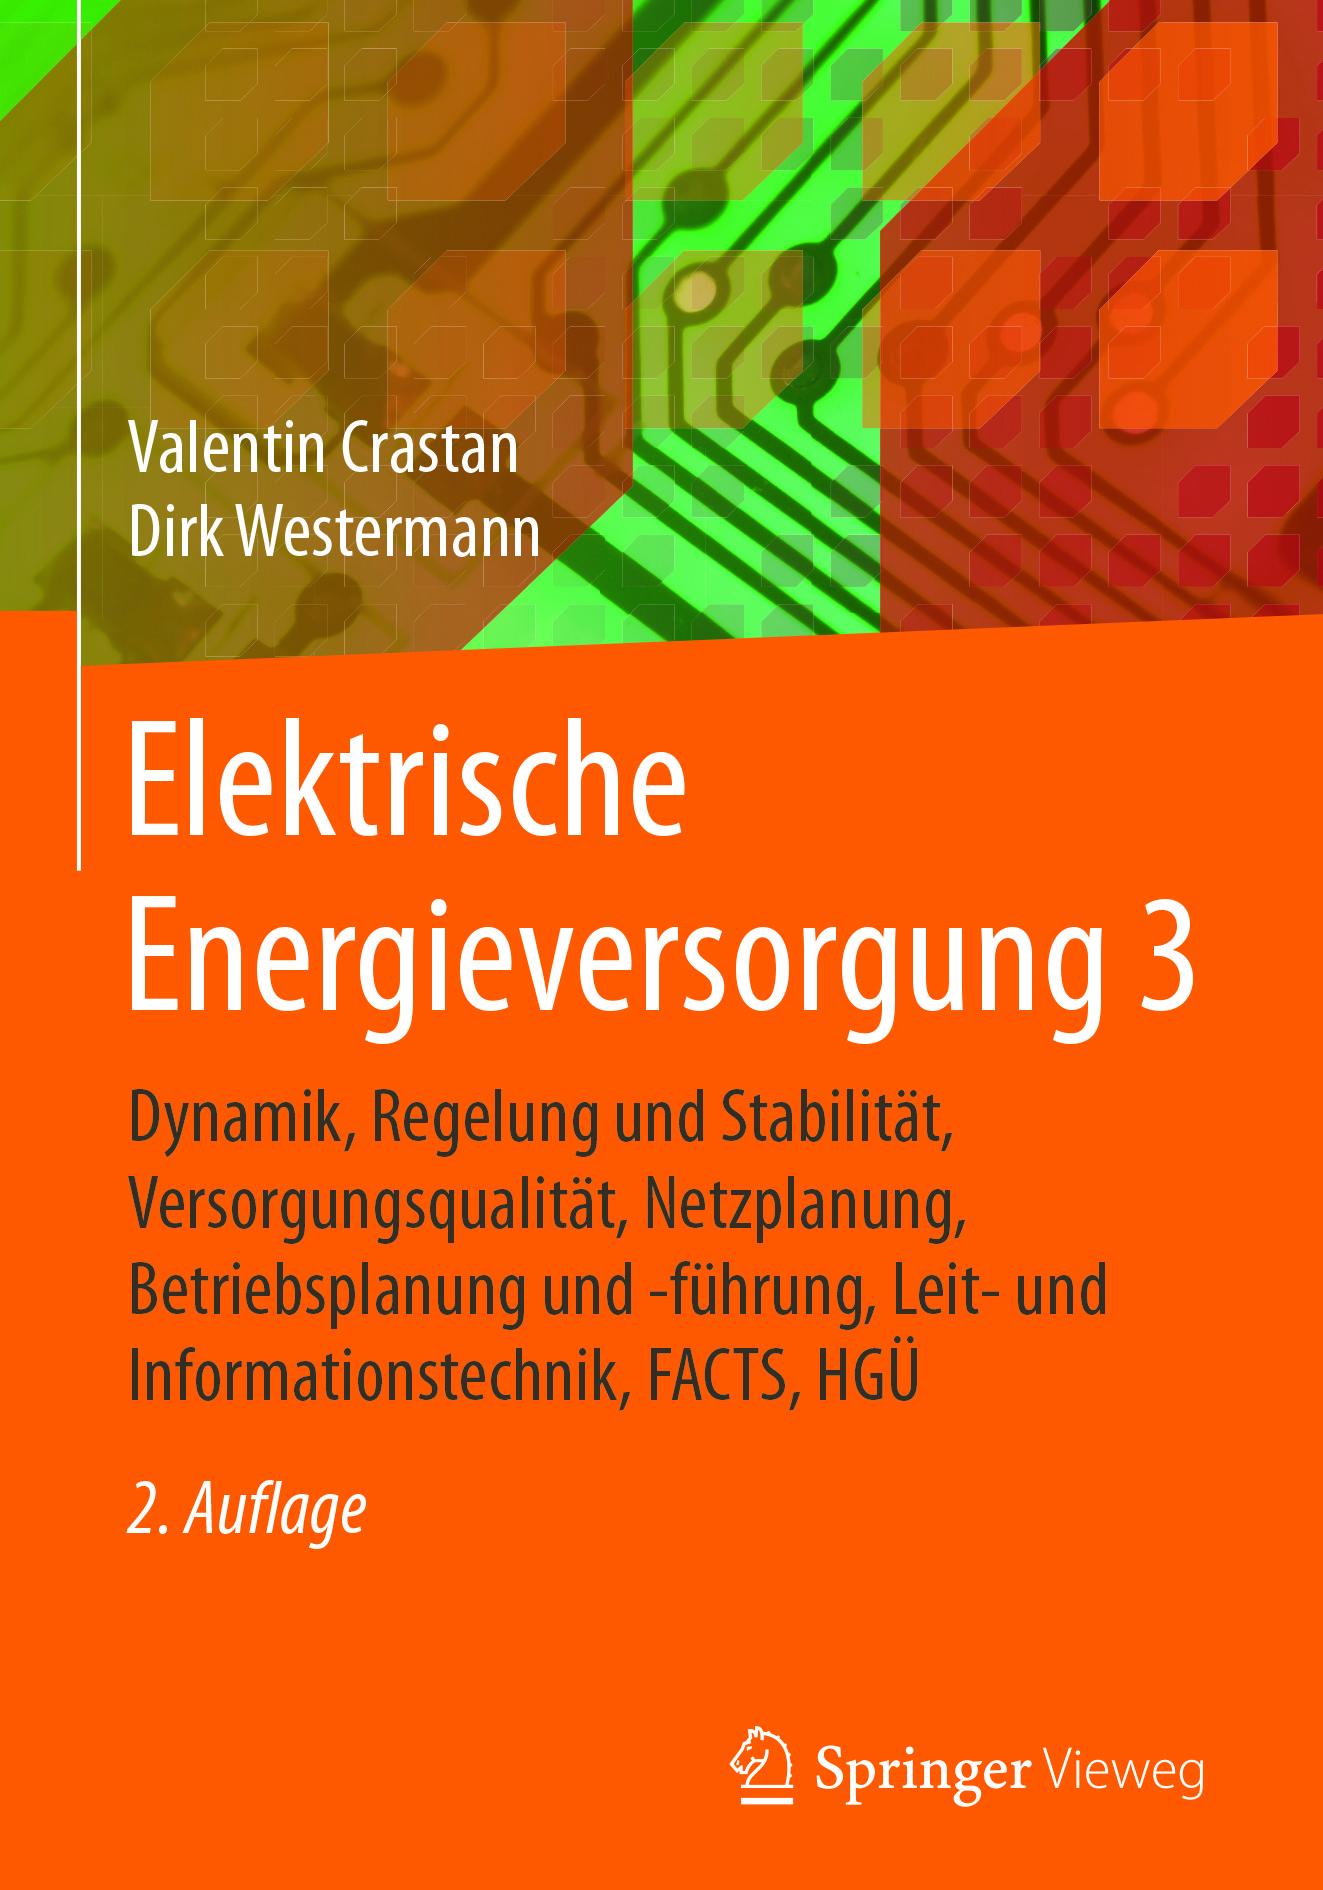 Crastan, Valentin - Elektrische Energieversorgung 3, ebook